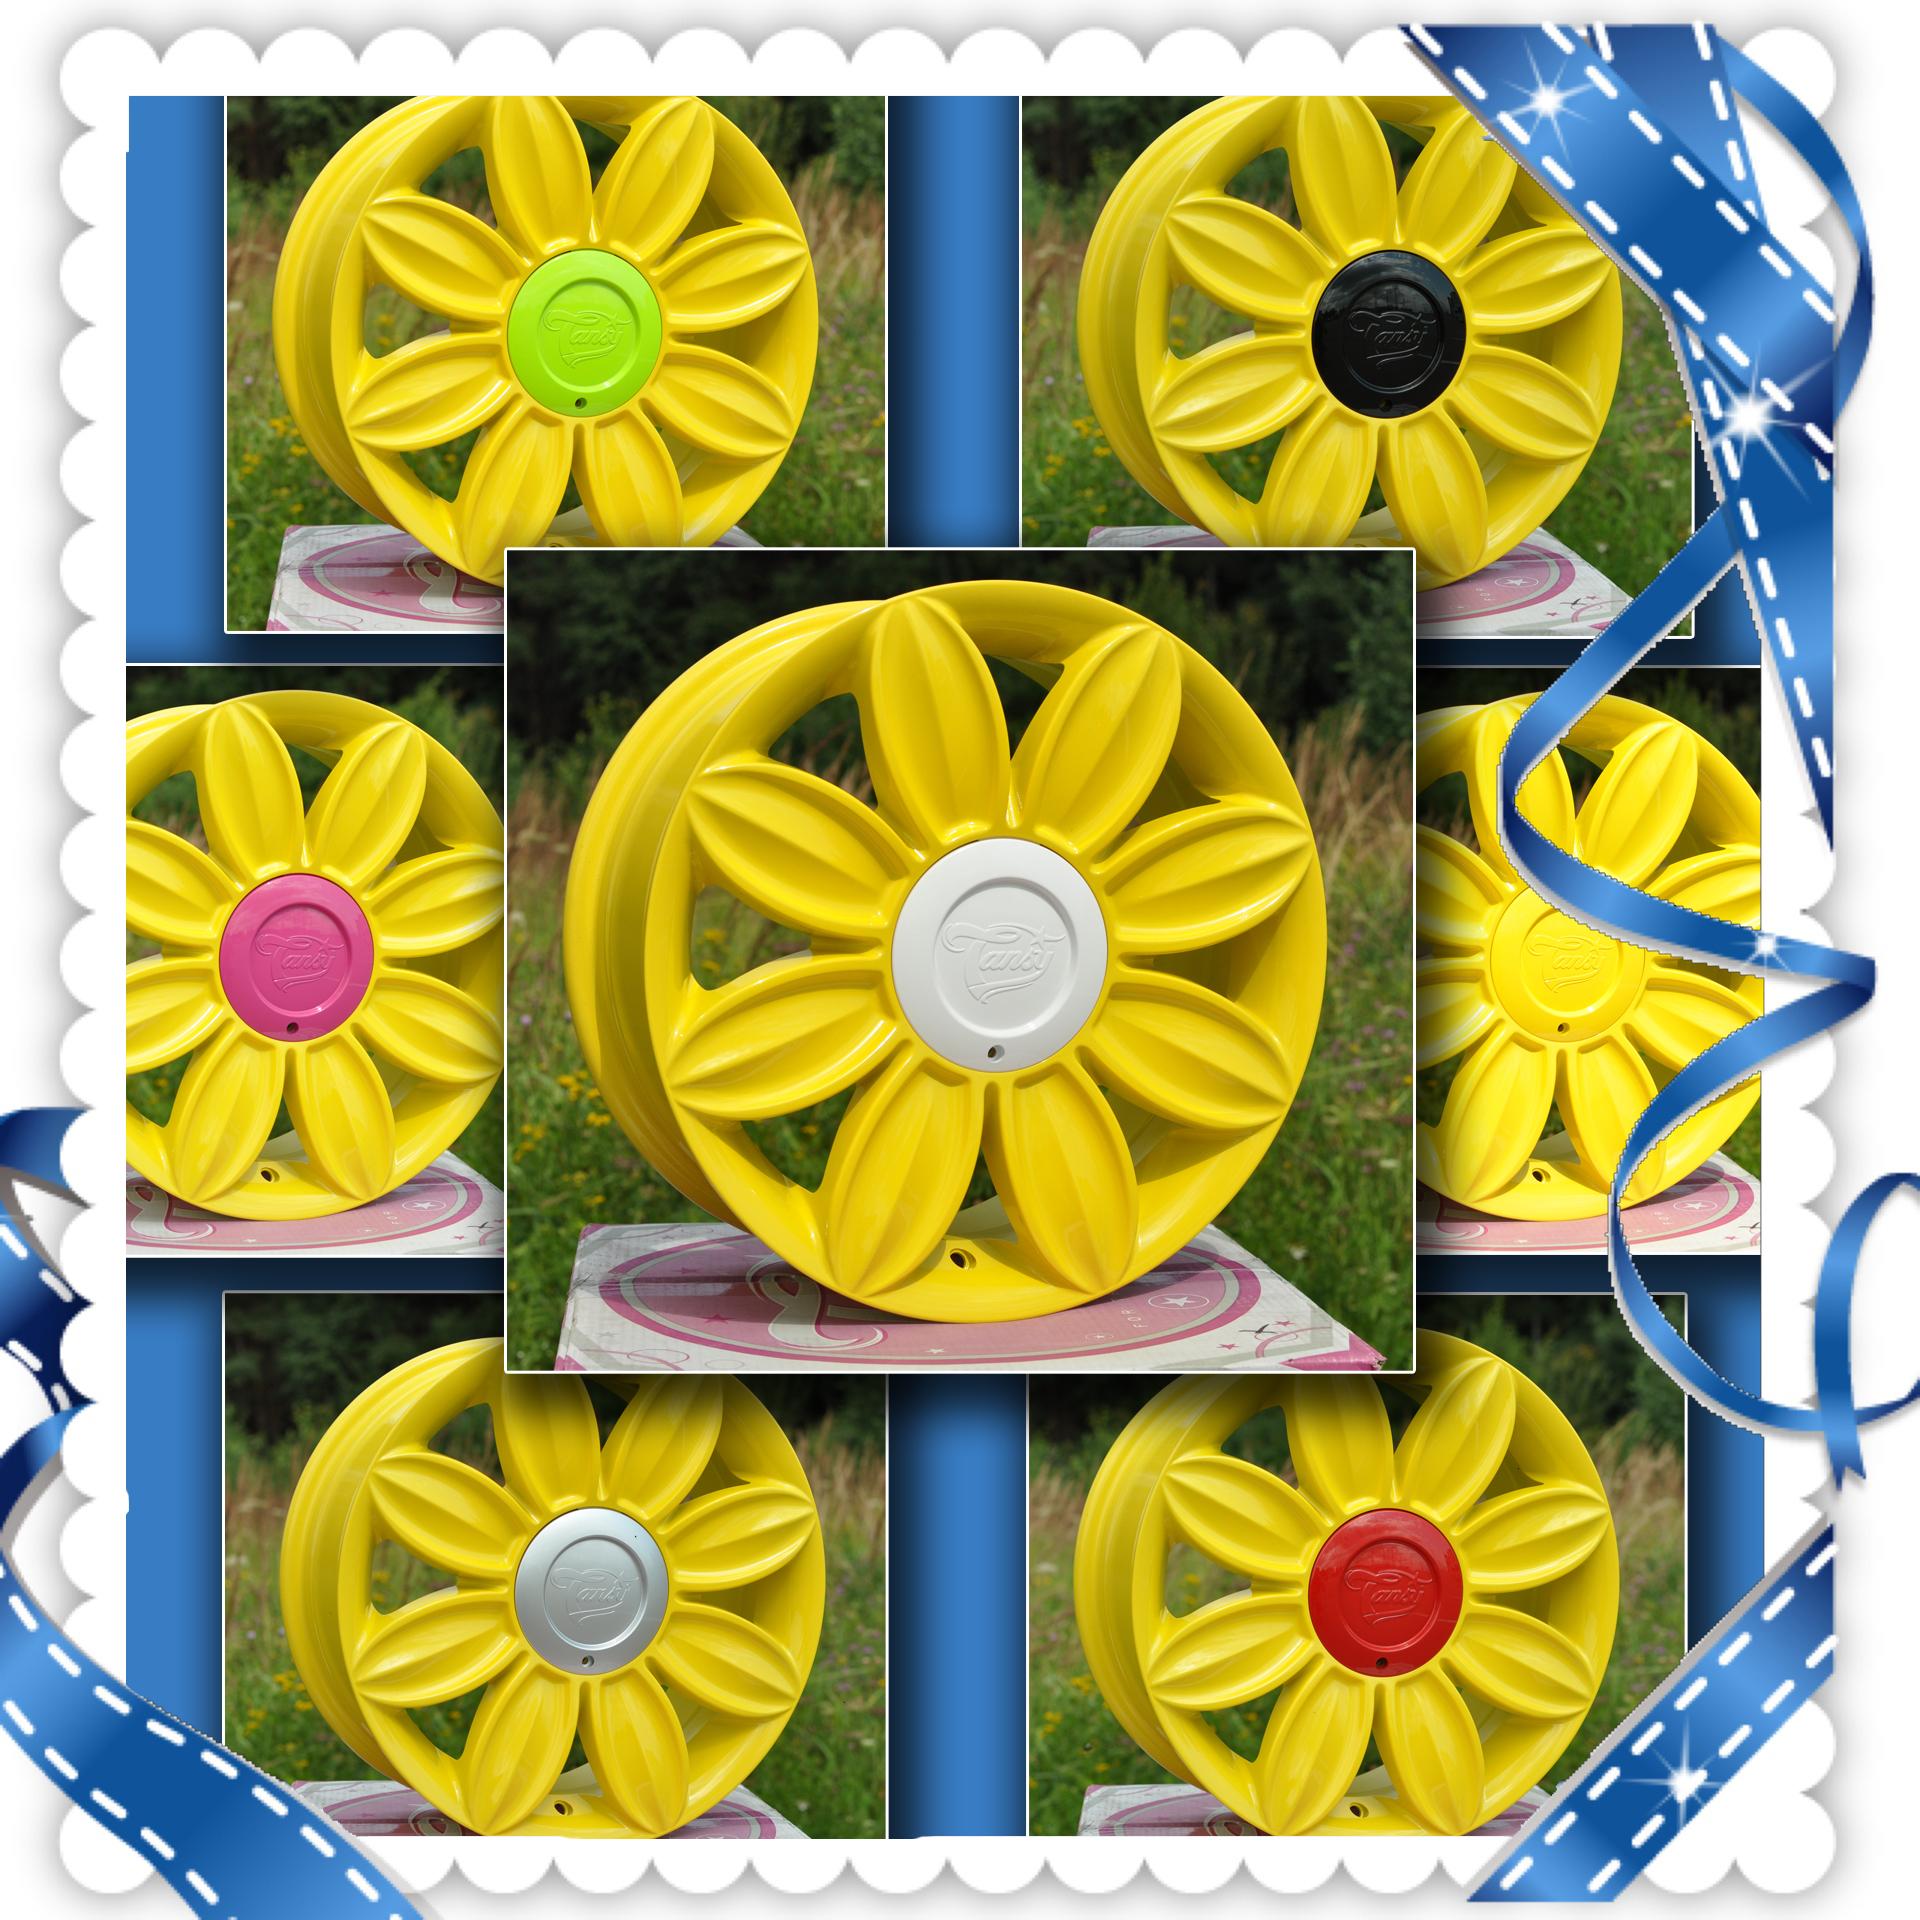 красивые диски; модные диски; желтые диски на авто